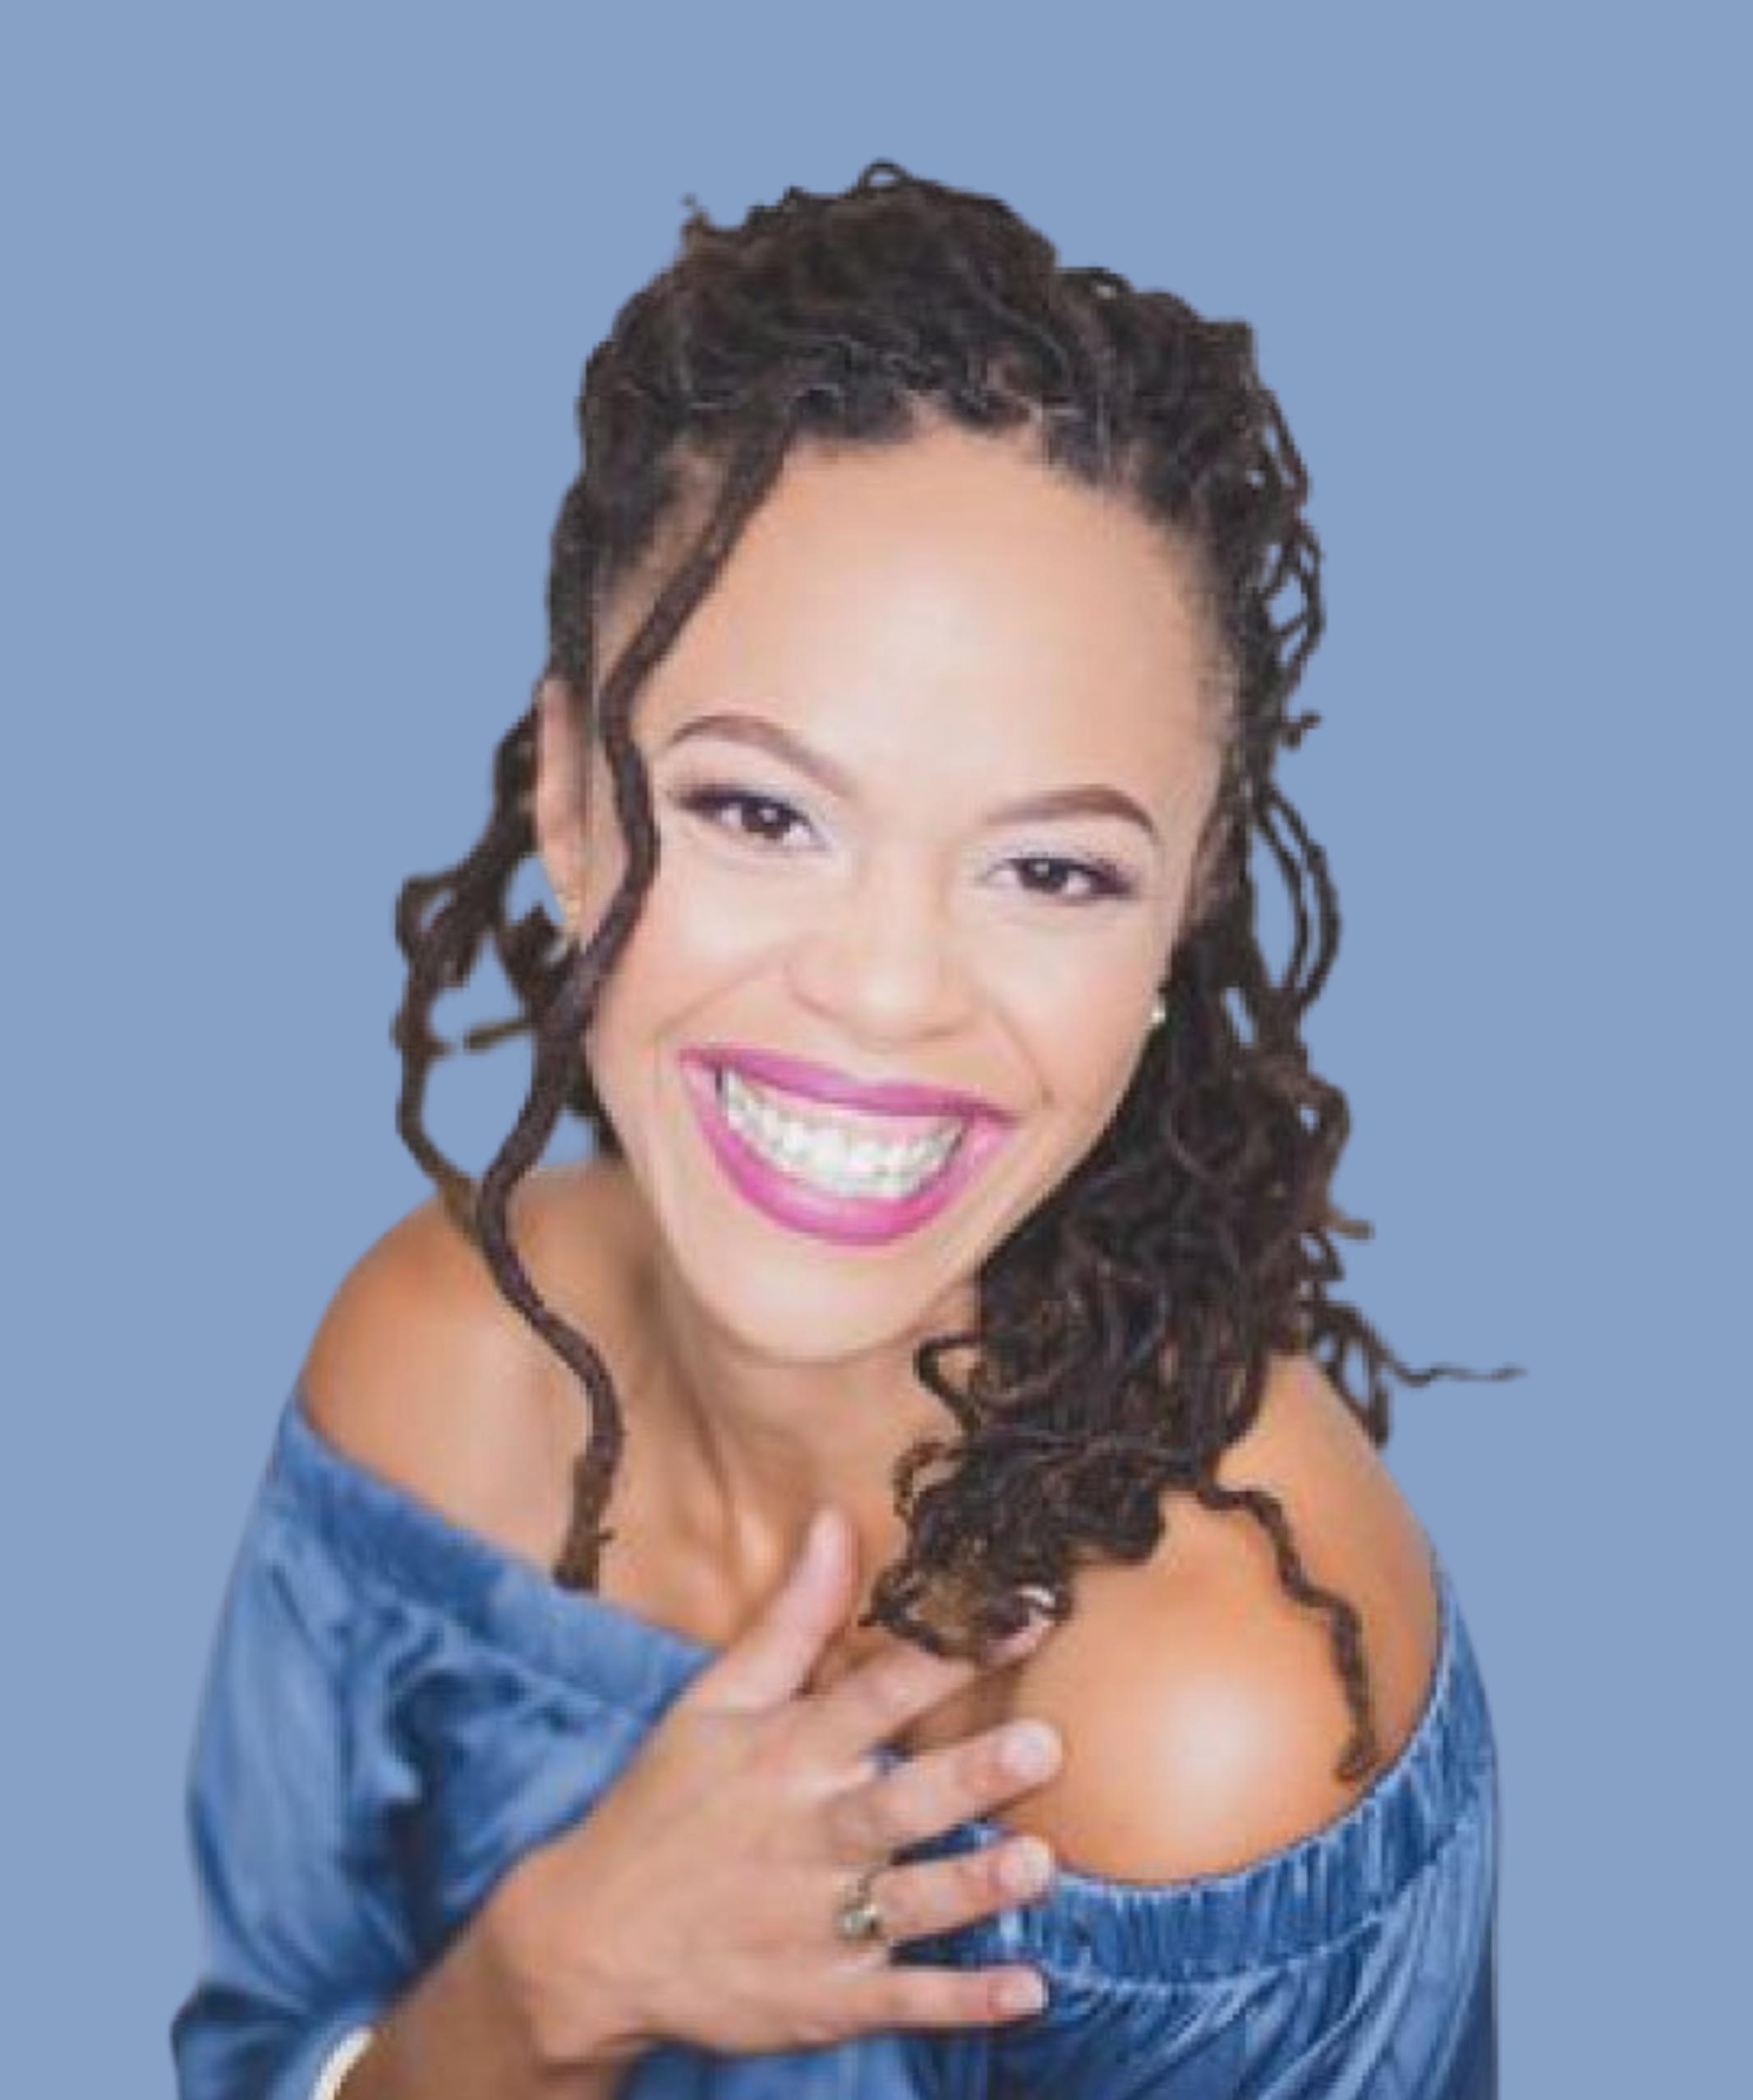 Kimberly Joy Morgan